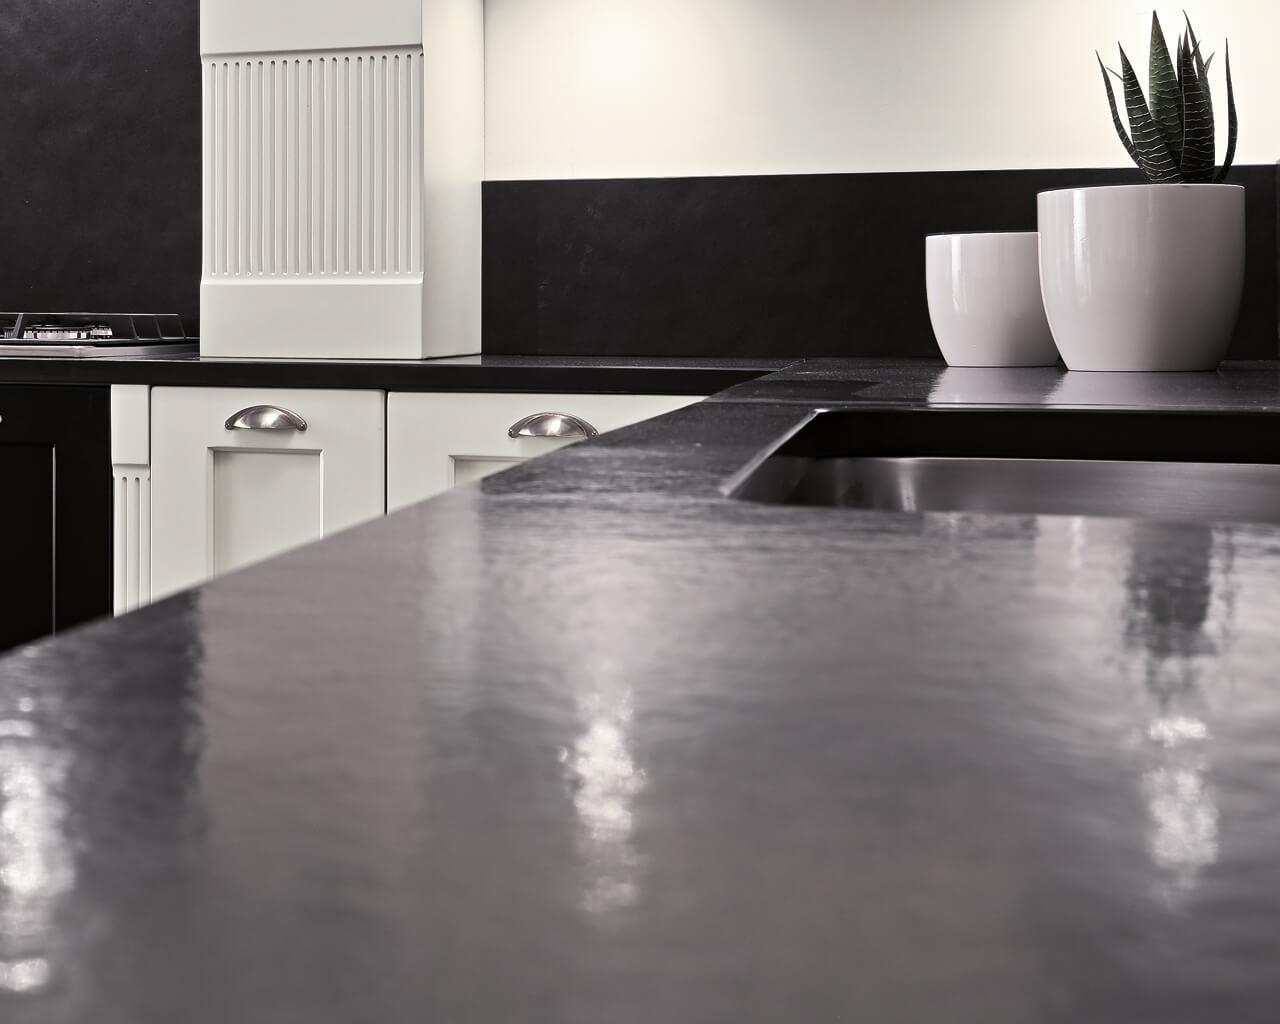 cucina-chiara-legno-bianca-005